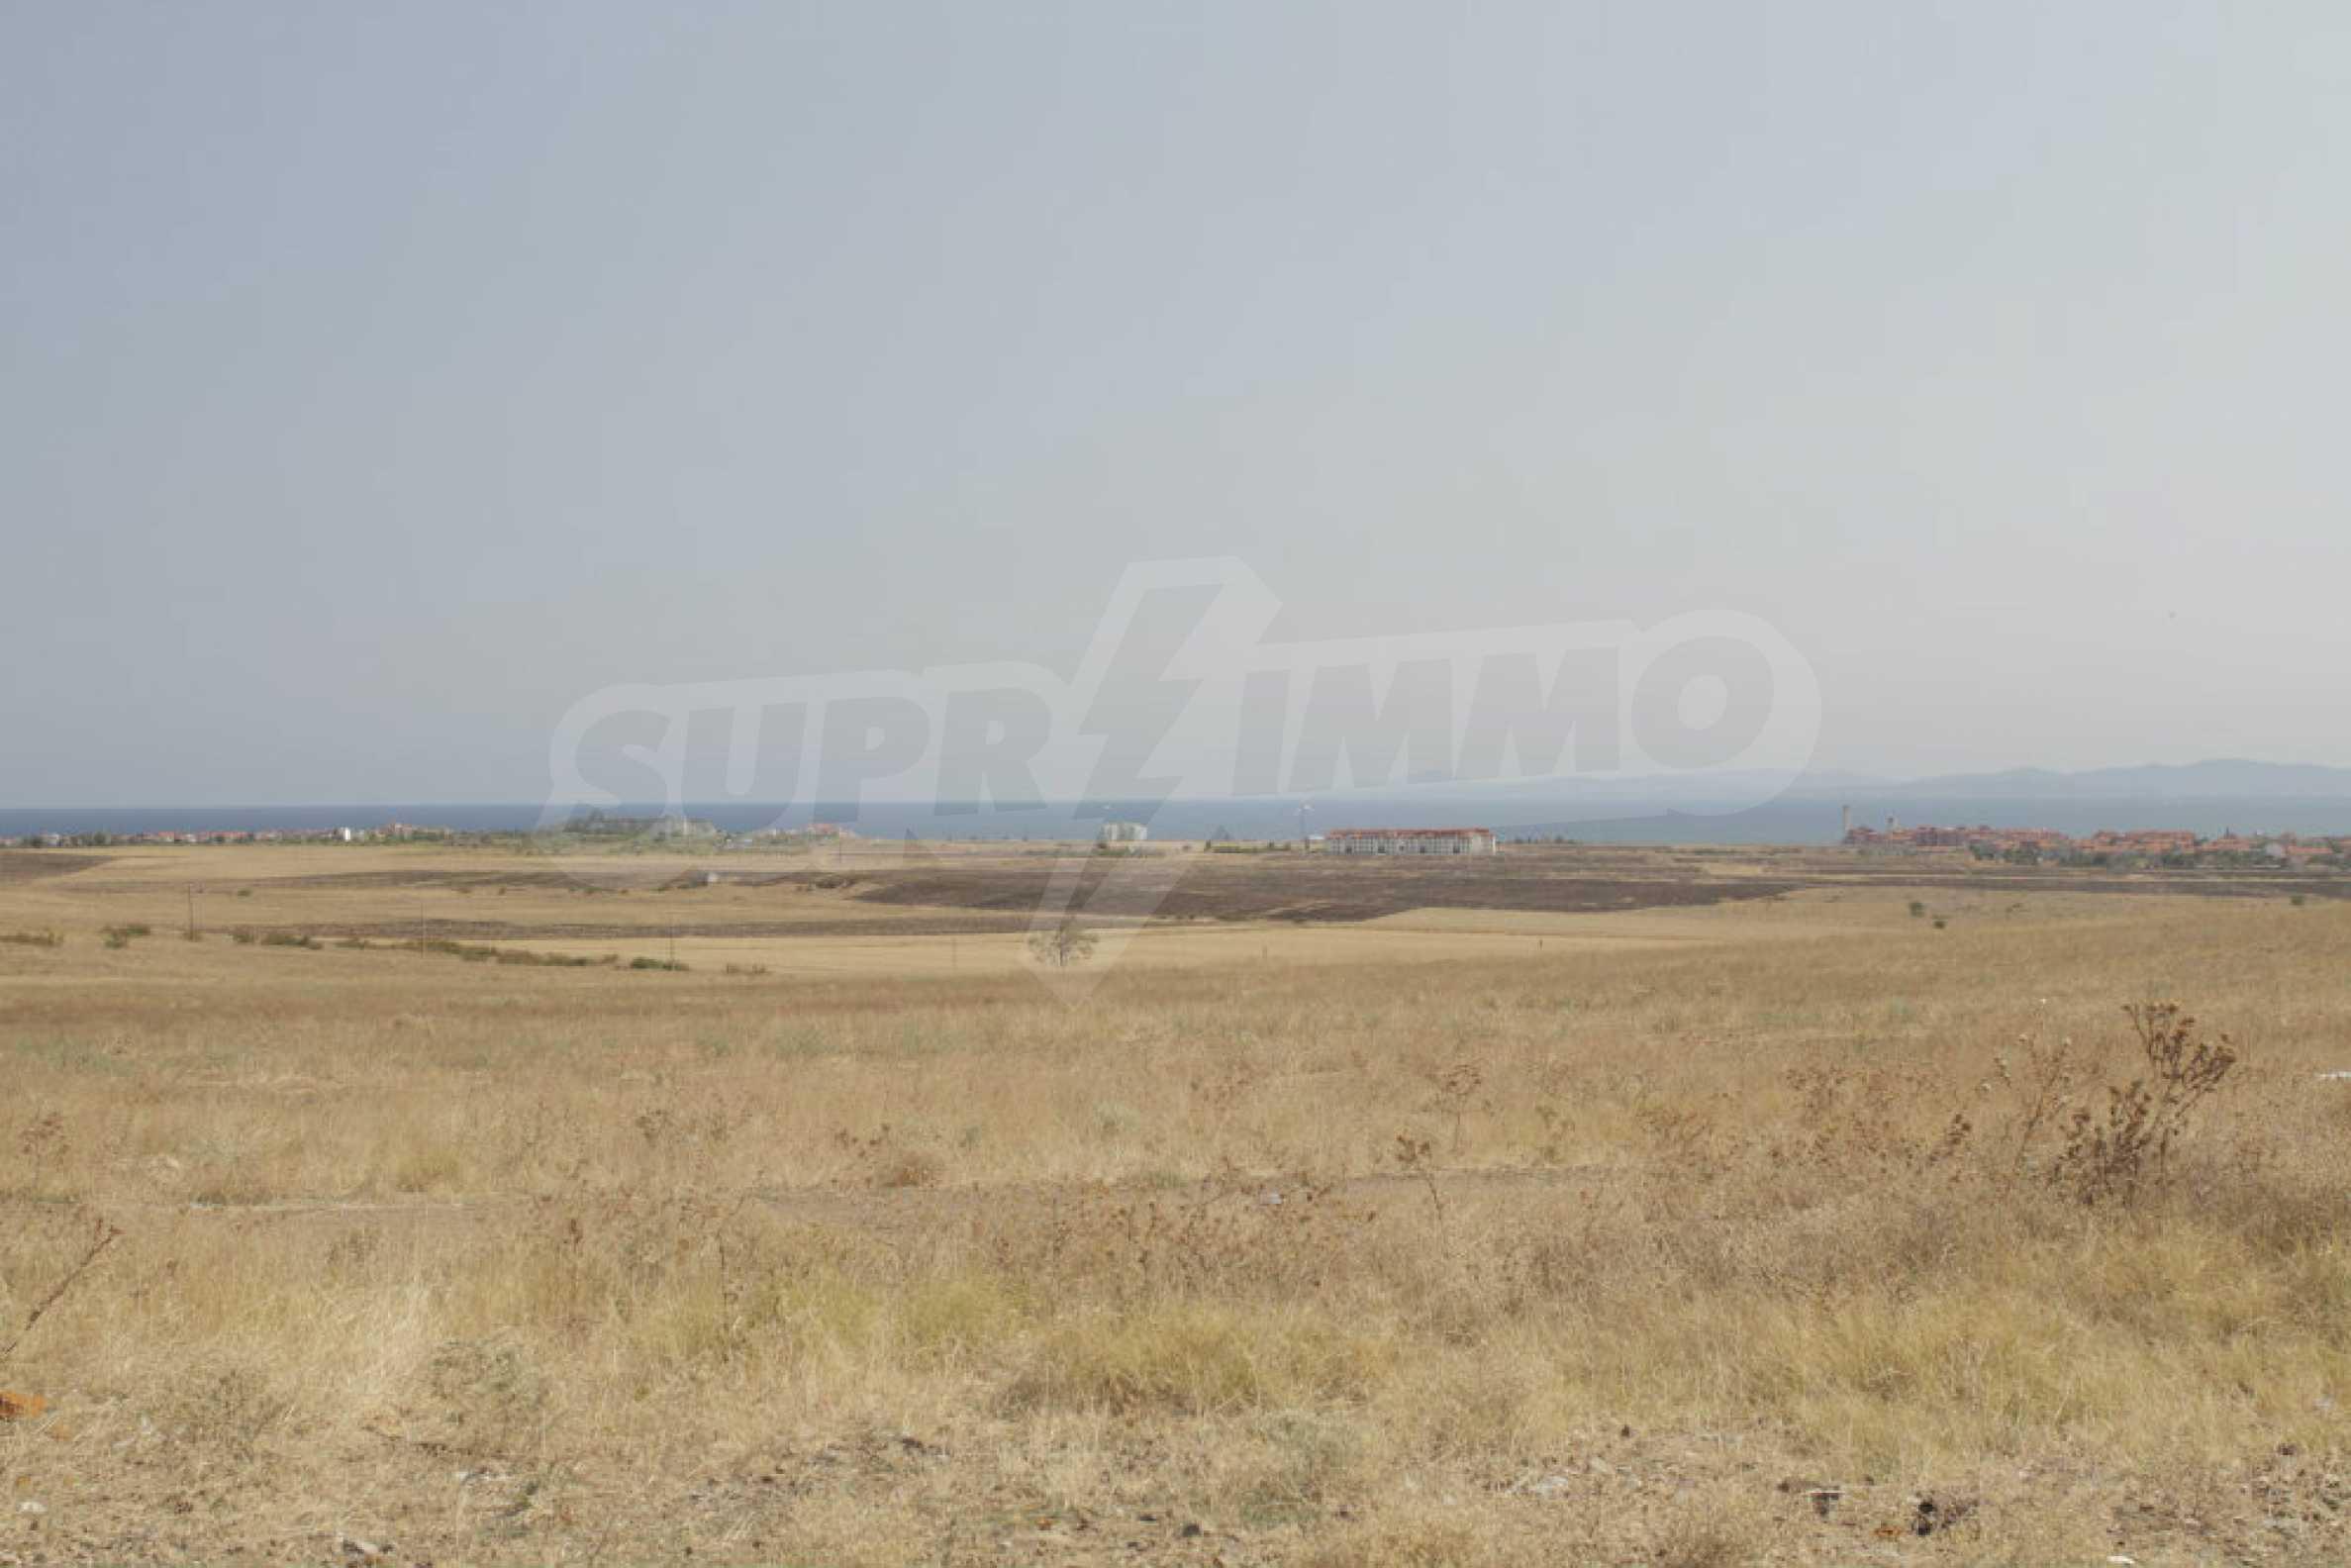 Attraktives Grundstück für Investieren in der Nähe des historischen Komplexes Aheloy 917 und Sonnenstrand, bei Tankowo und Aheloy 8